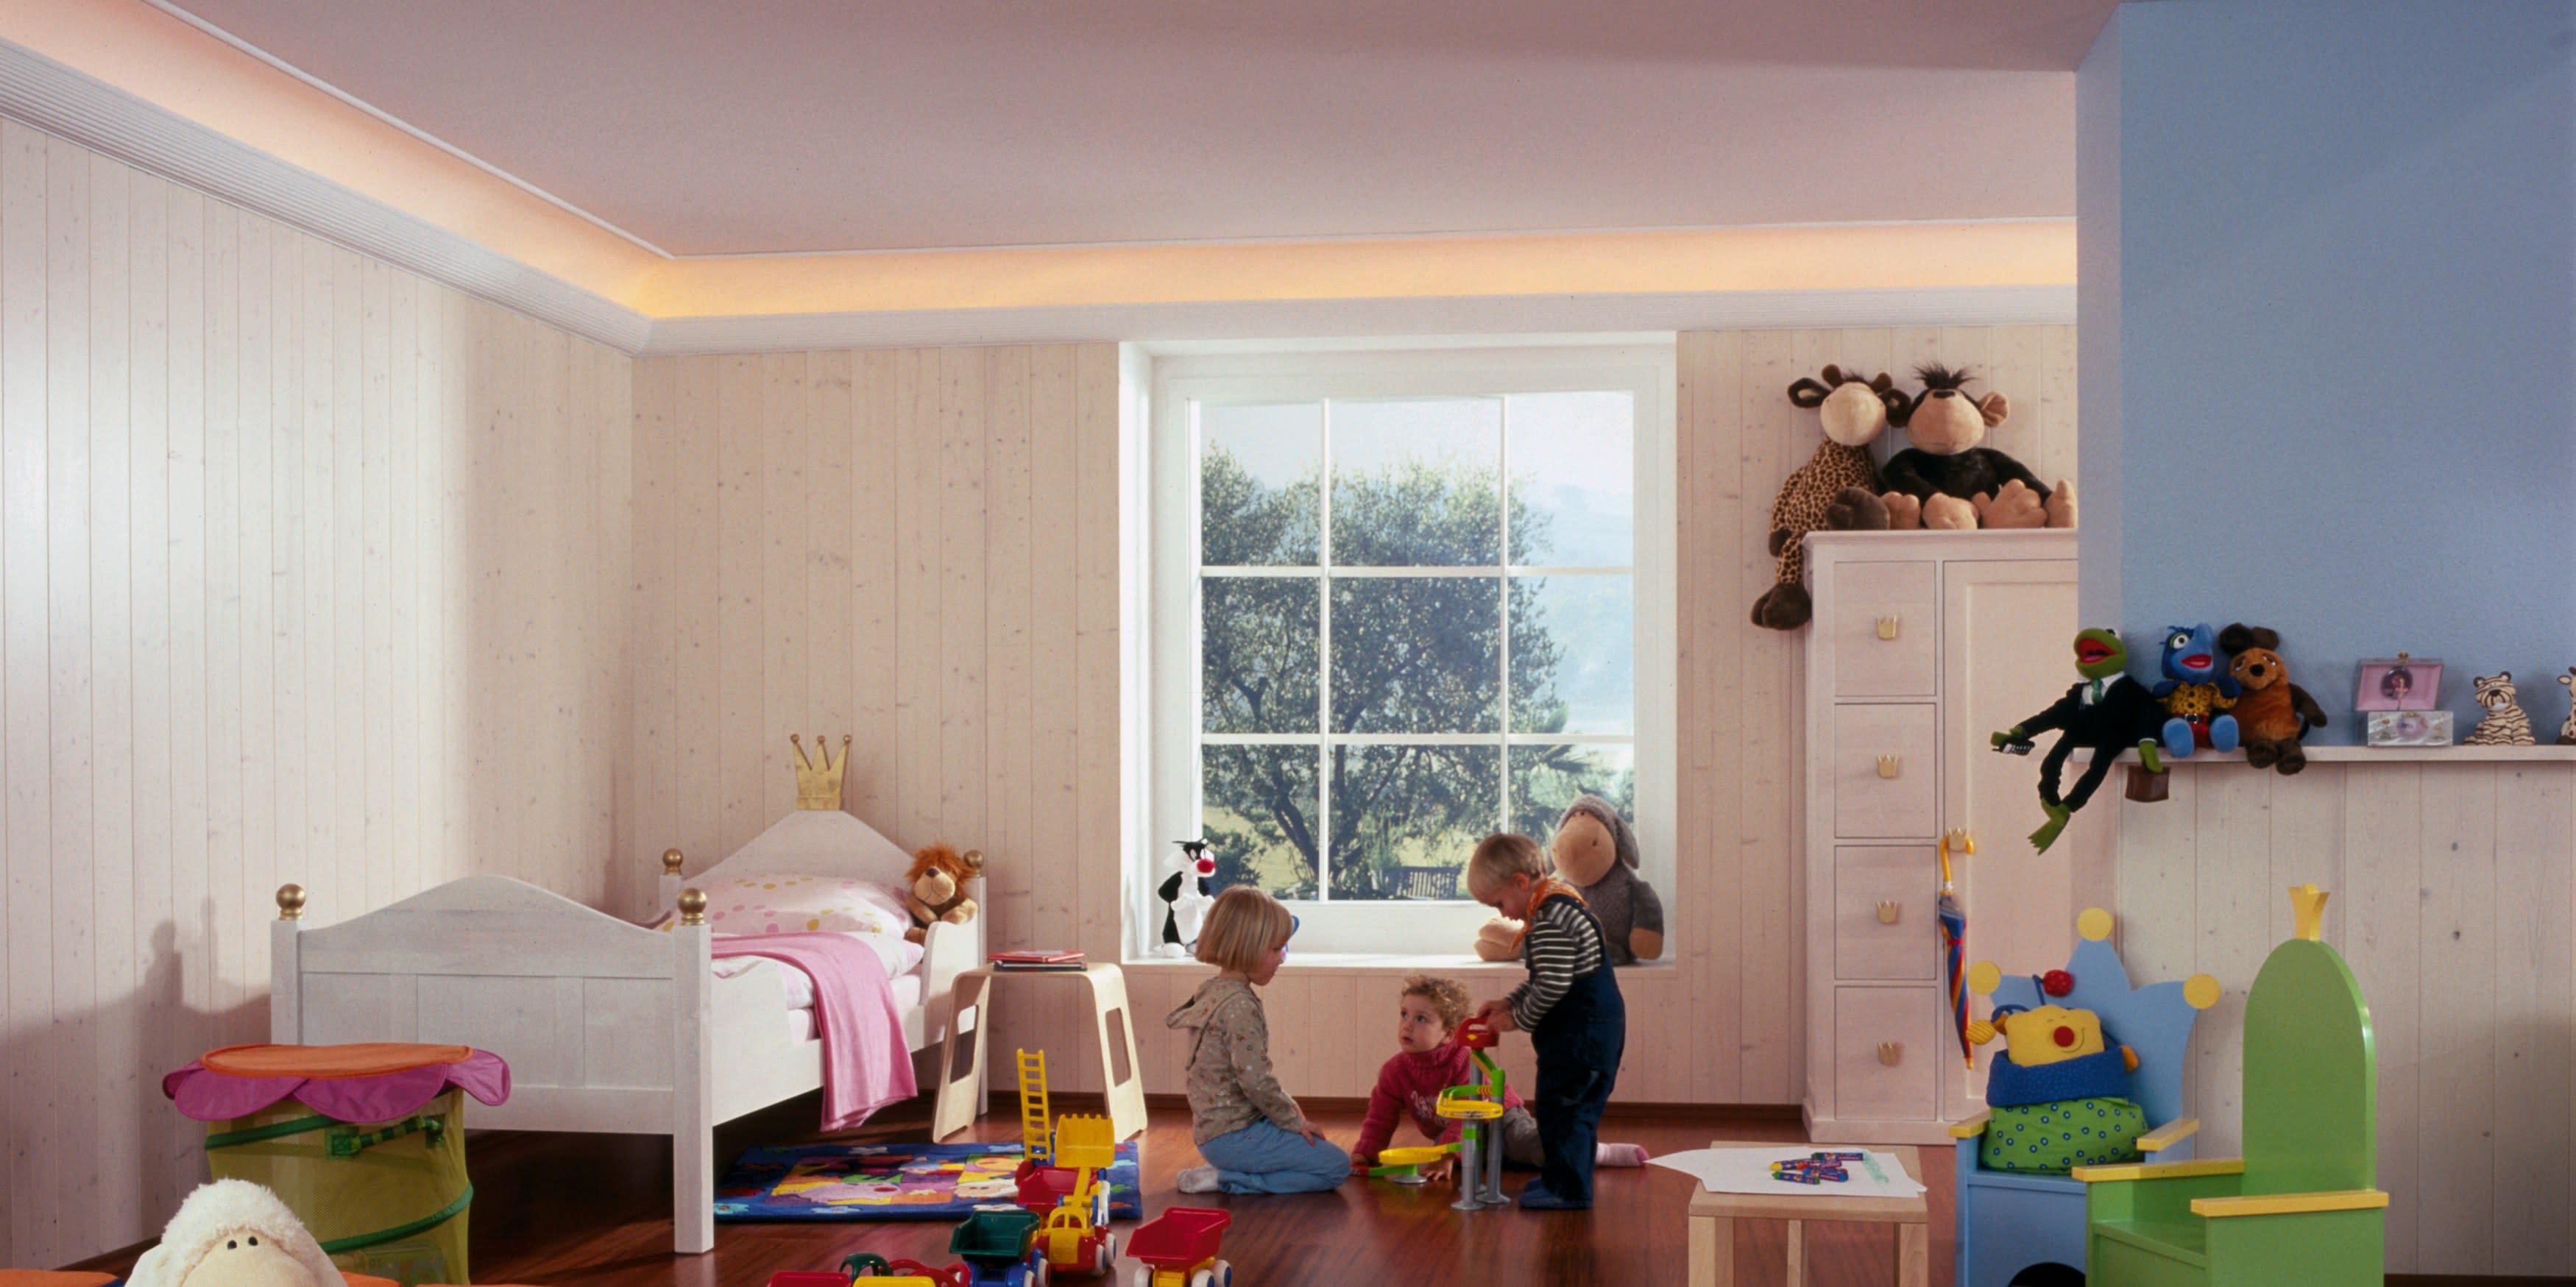 Kinderzimmer mit Kindern und Clipso Spanndecken und Spielzeug